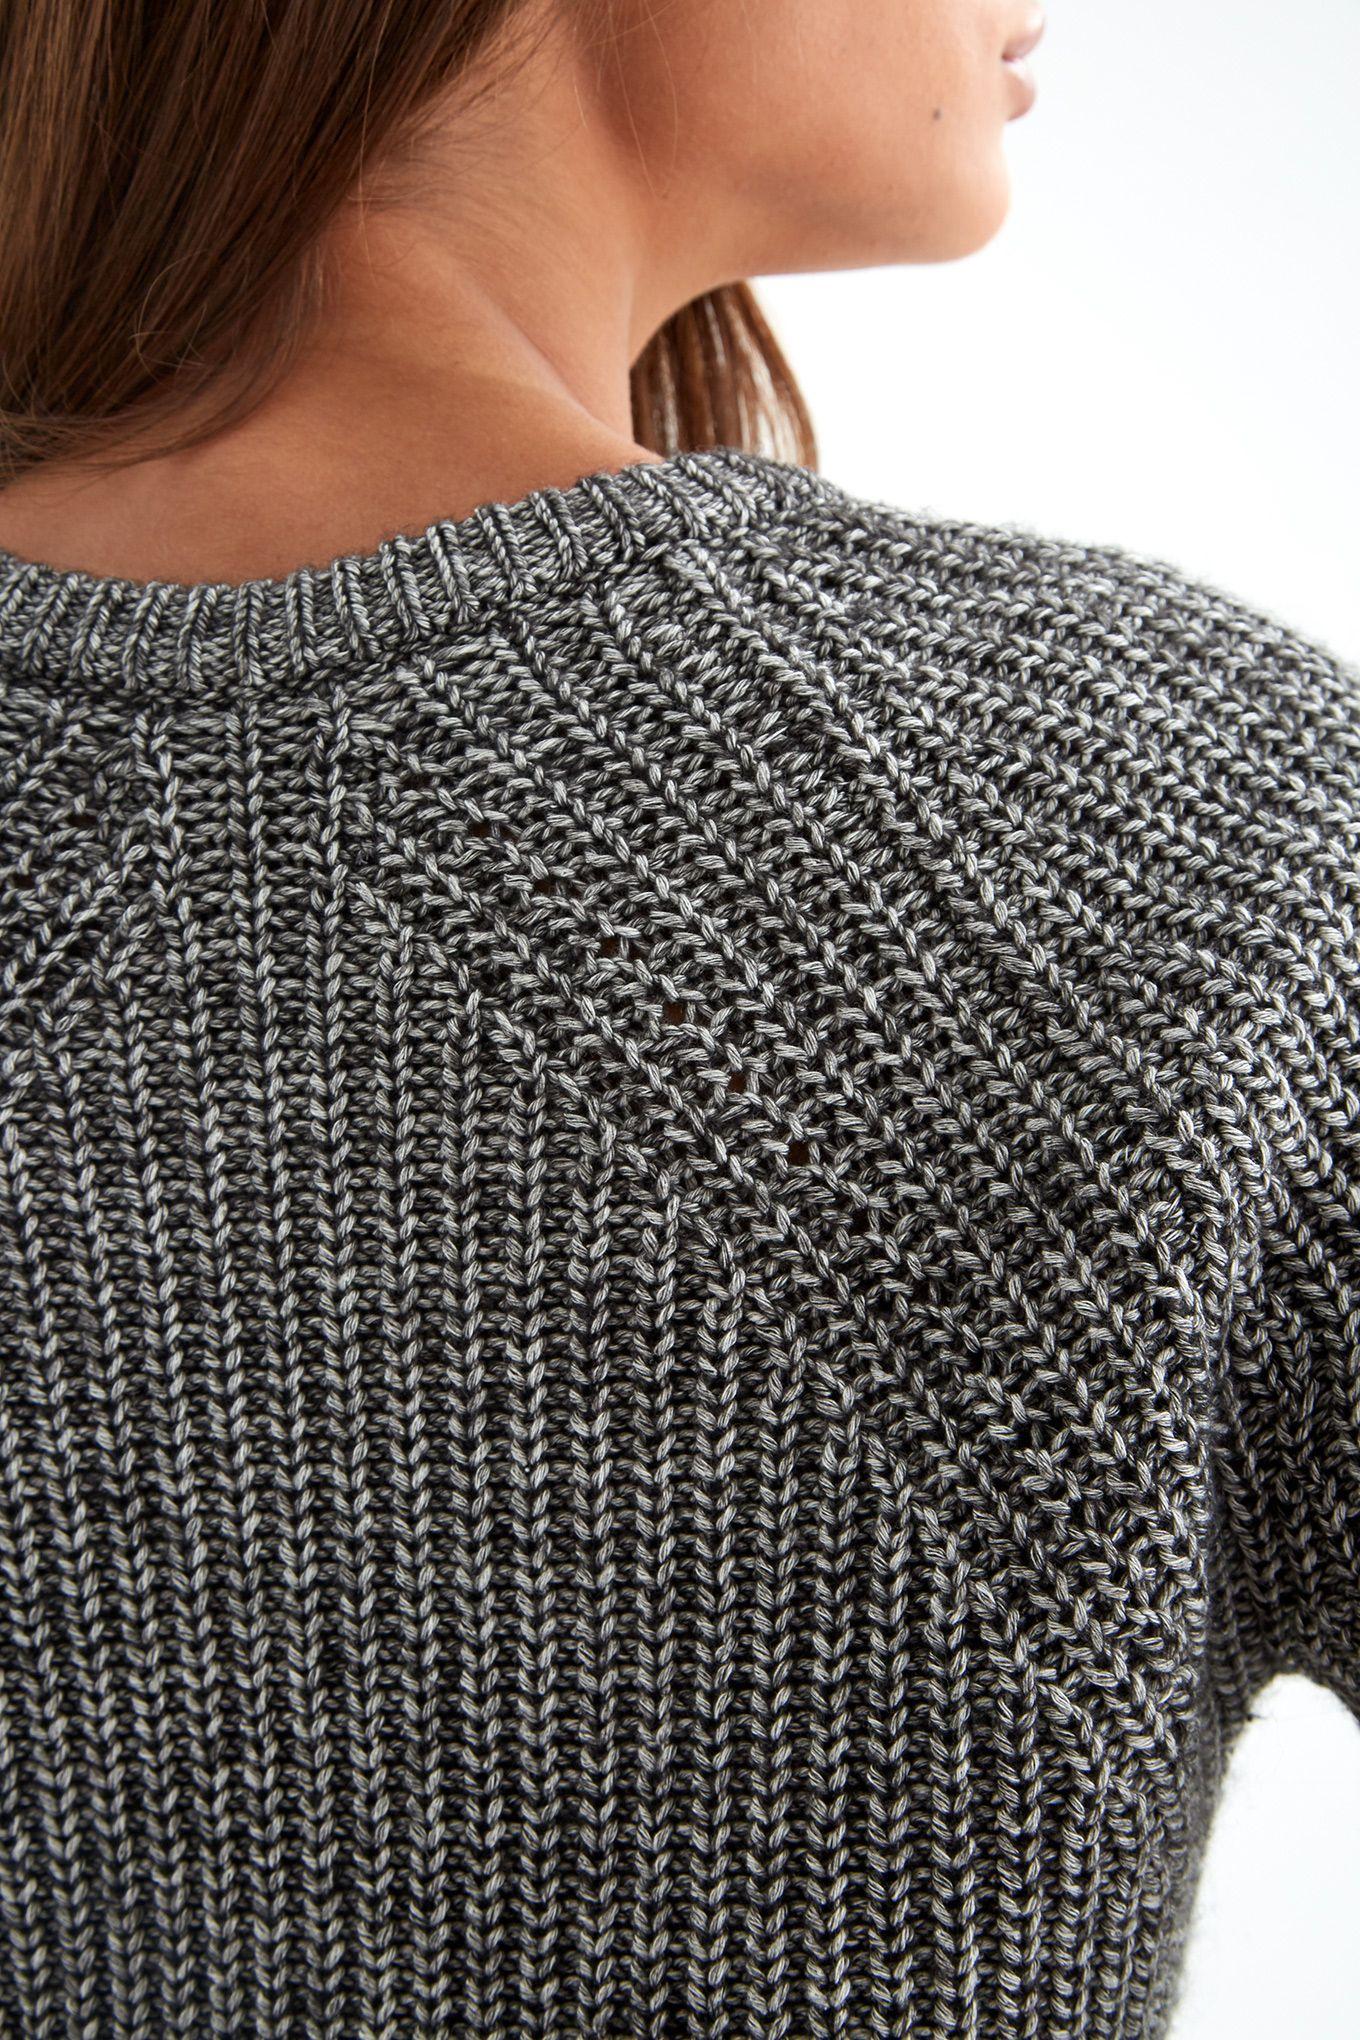 Women s Knitwear Sweater